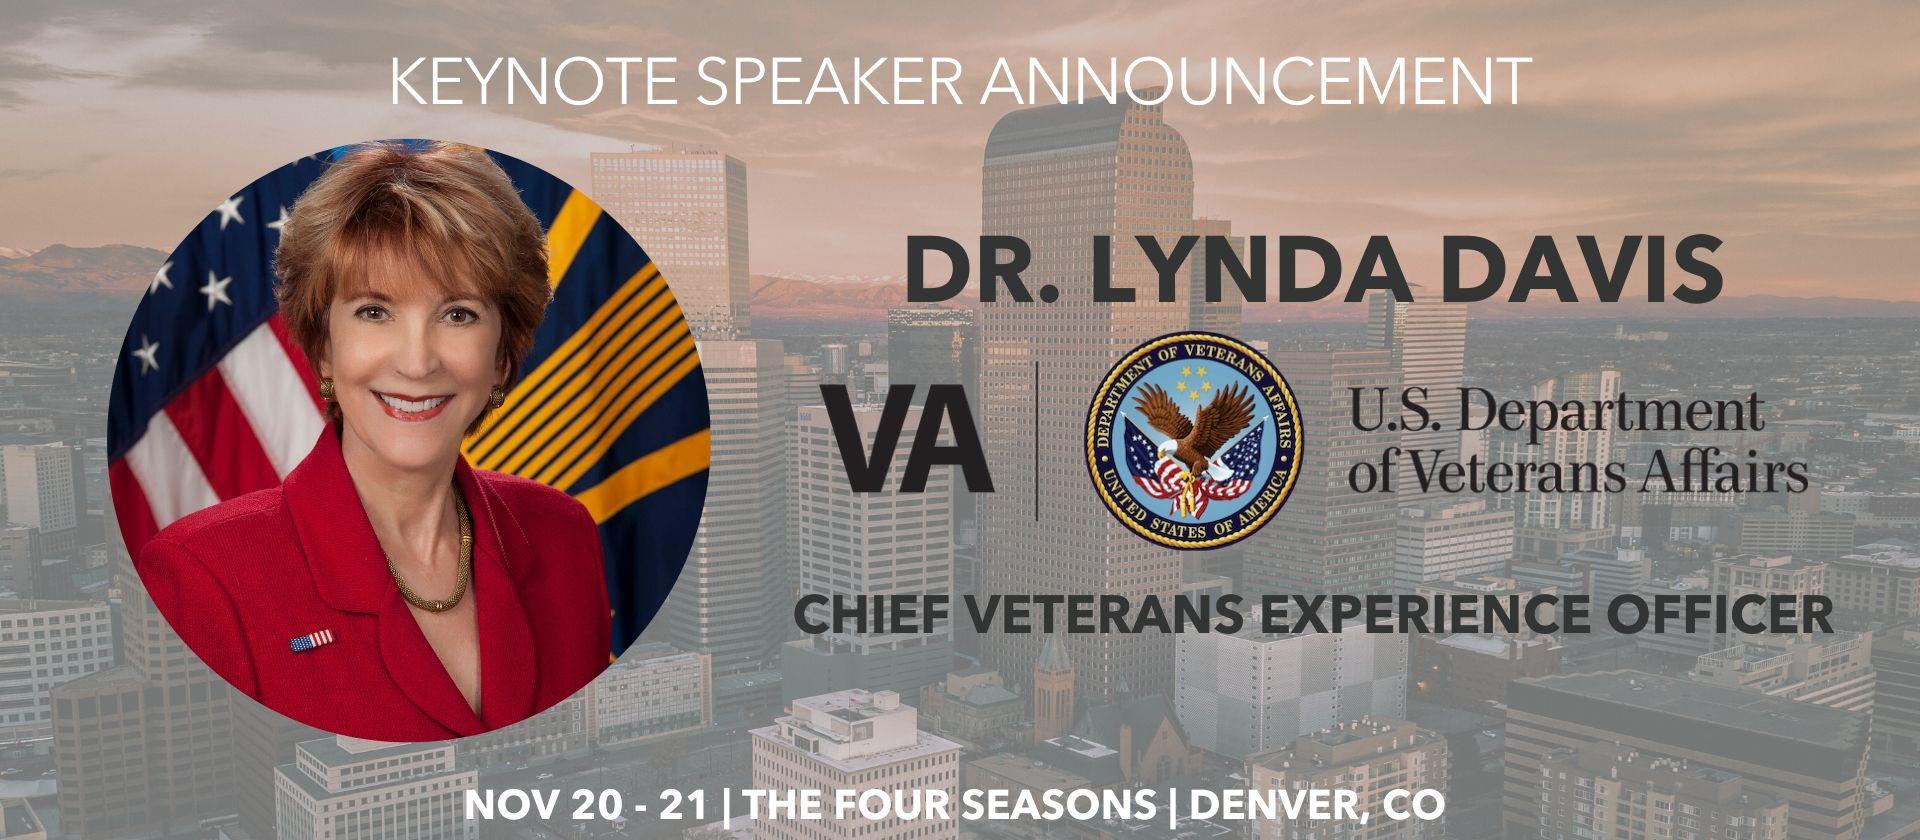 Lynda Davis Keynote Speaker Announcement Millennium Alliance